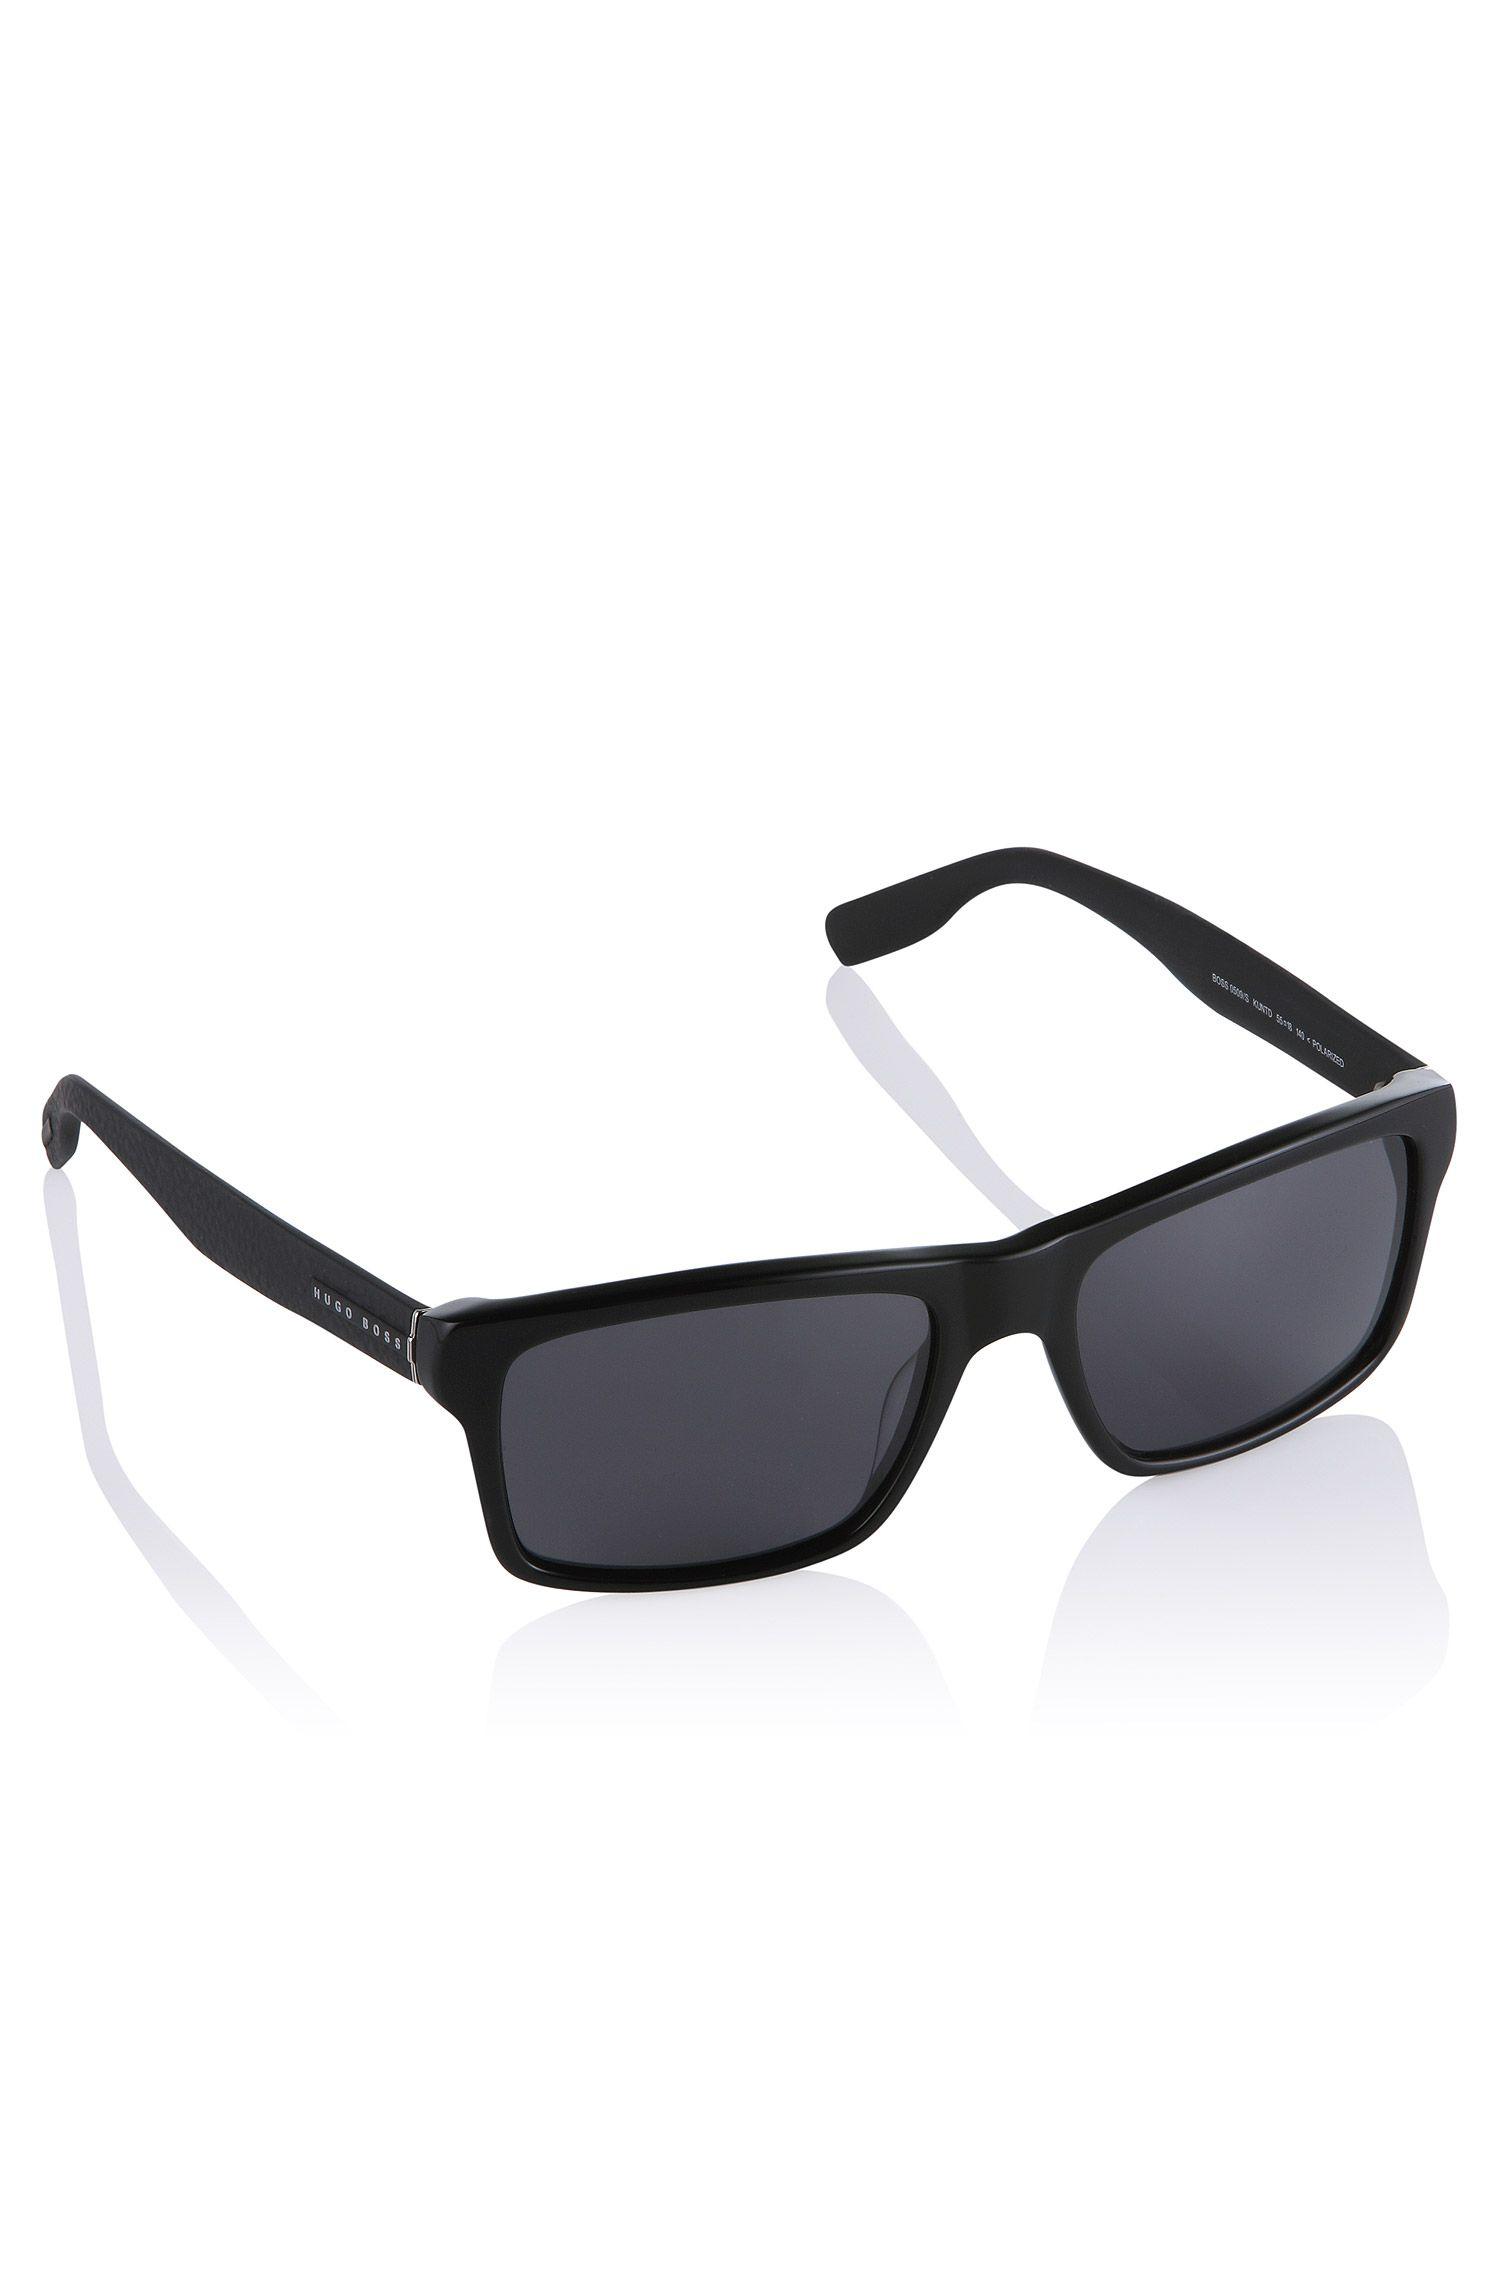 Piloten-Sonnenbrille ´BOSS 0509/S` mit Leder